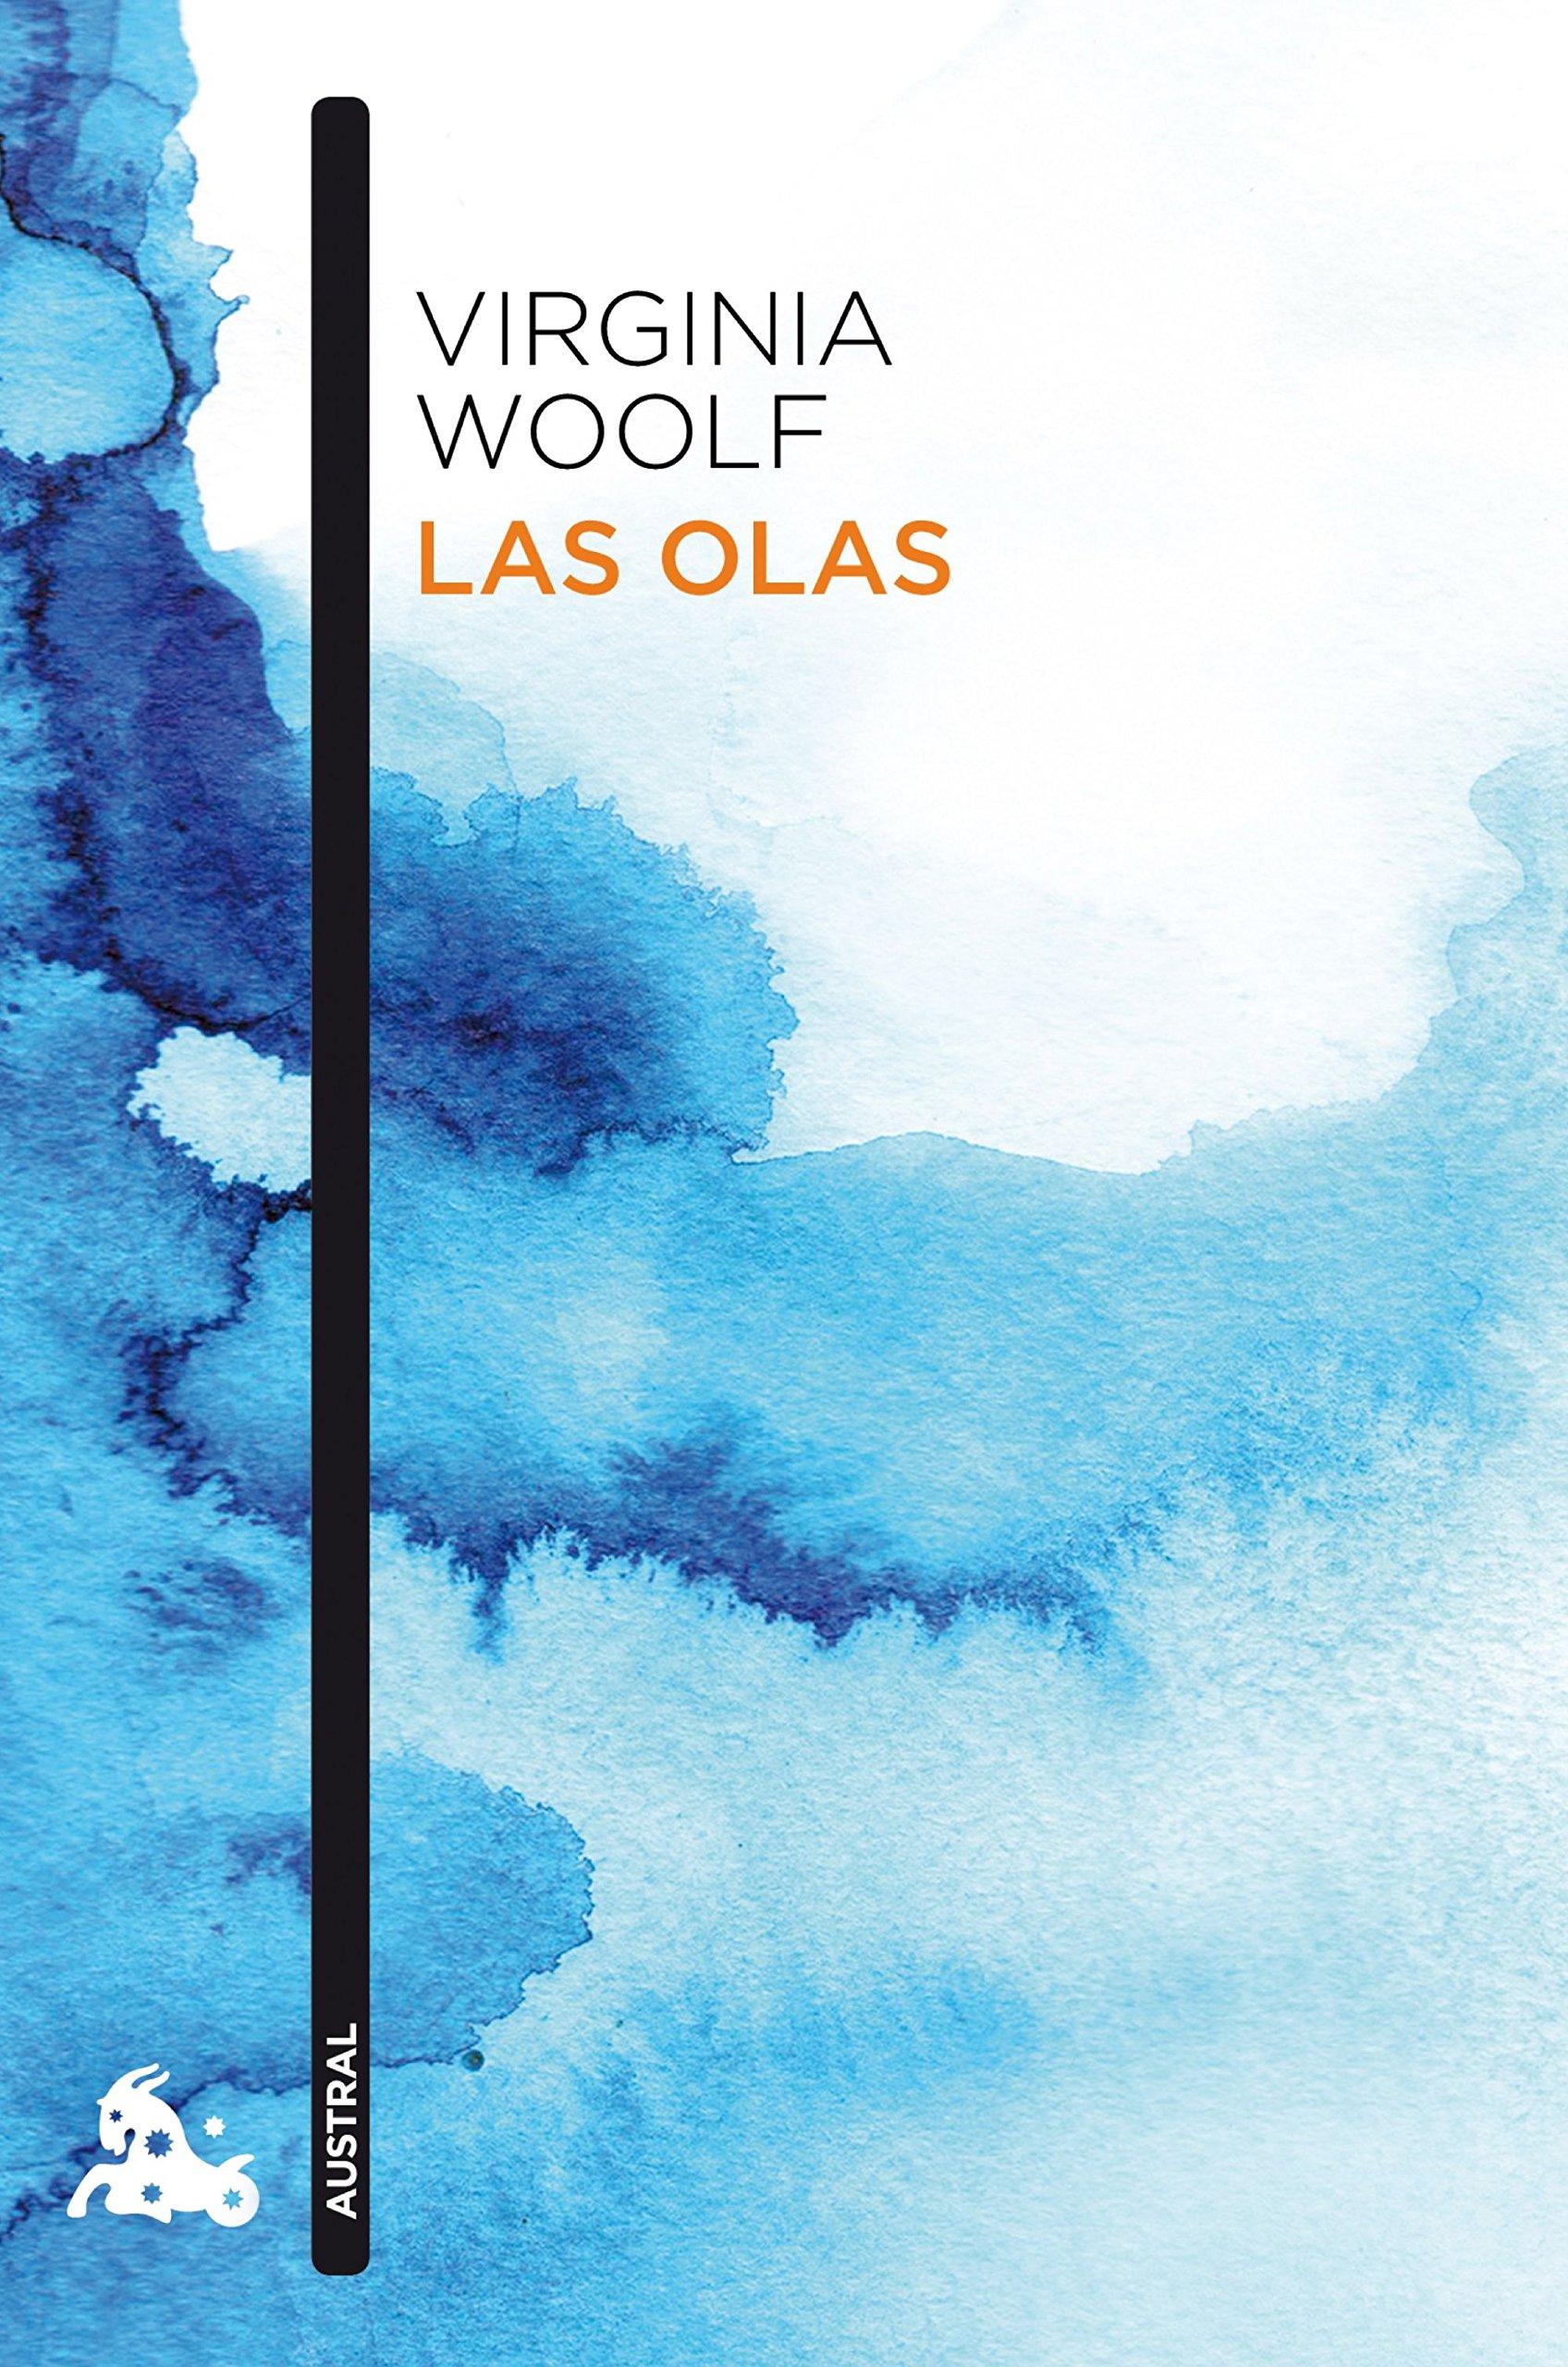 Las olas (Contemporánea): Amazon.es: Woolf, Virginia, Bosch Vilalta, Andrés: Libros